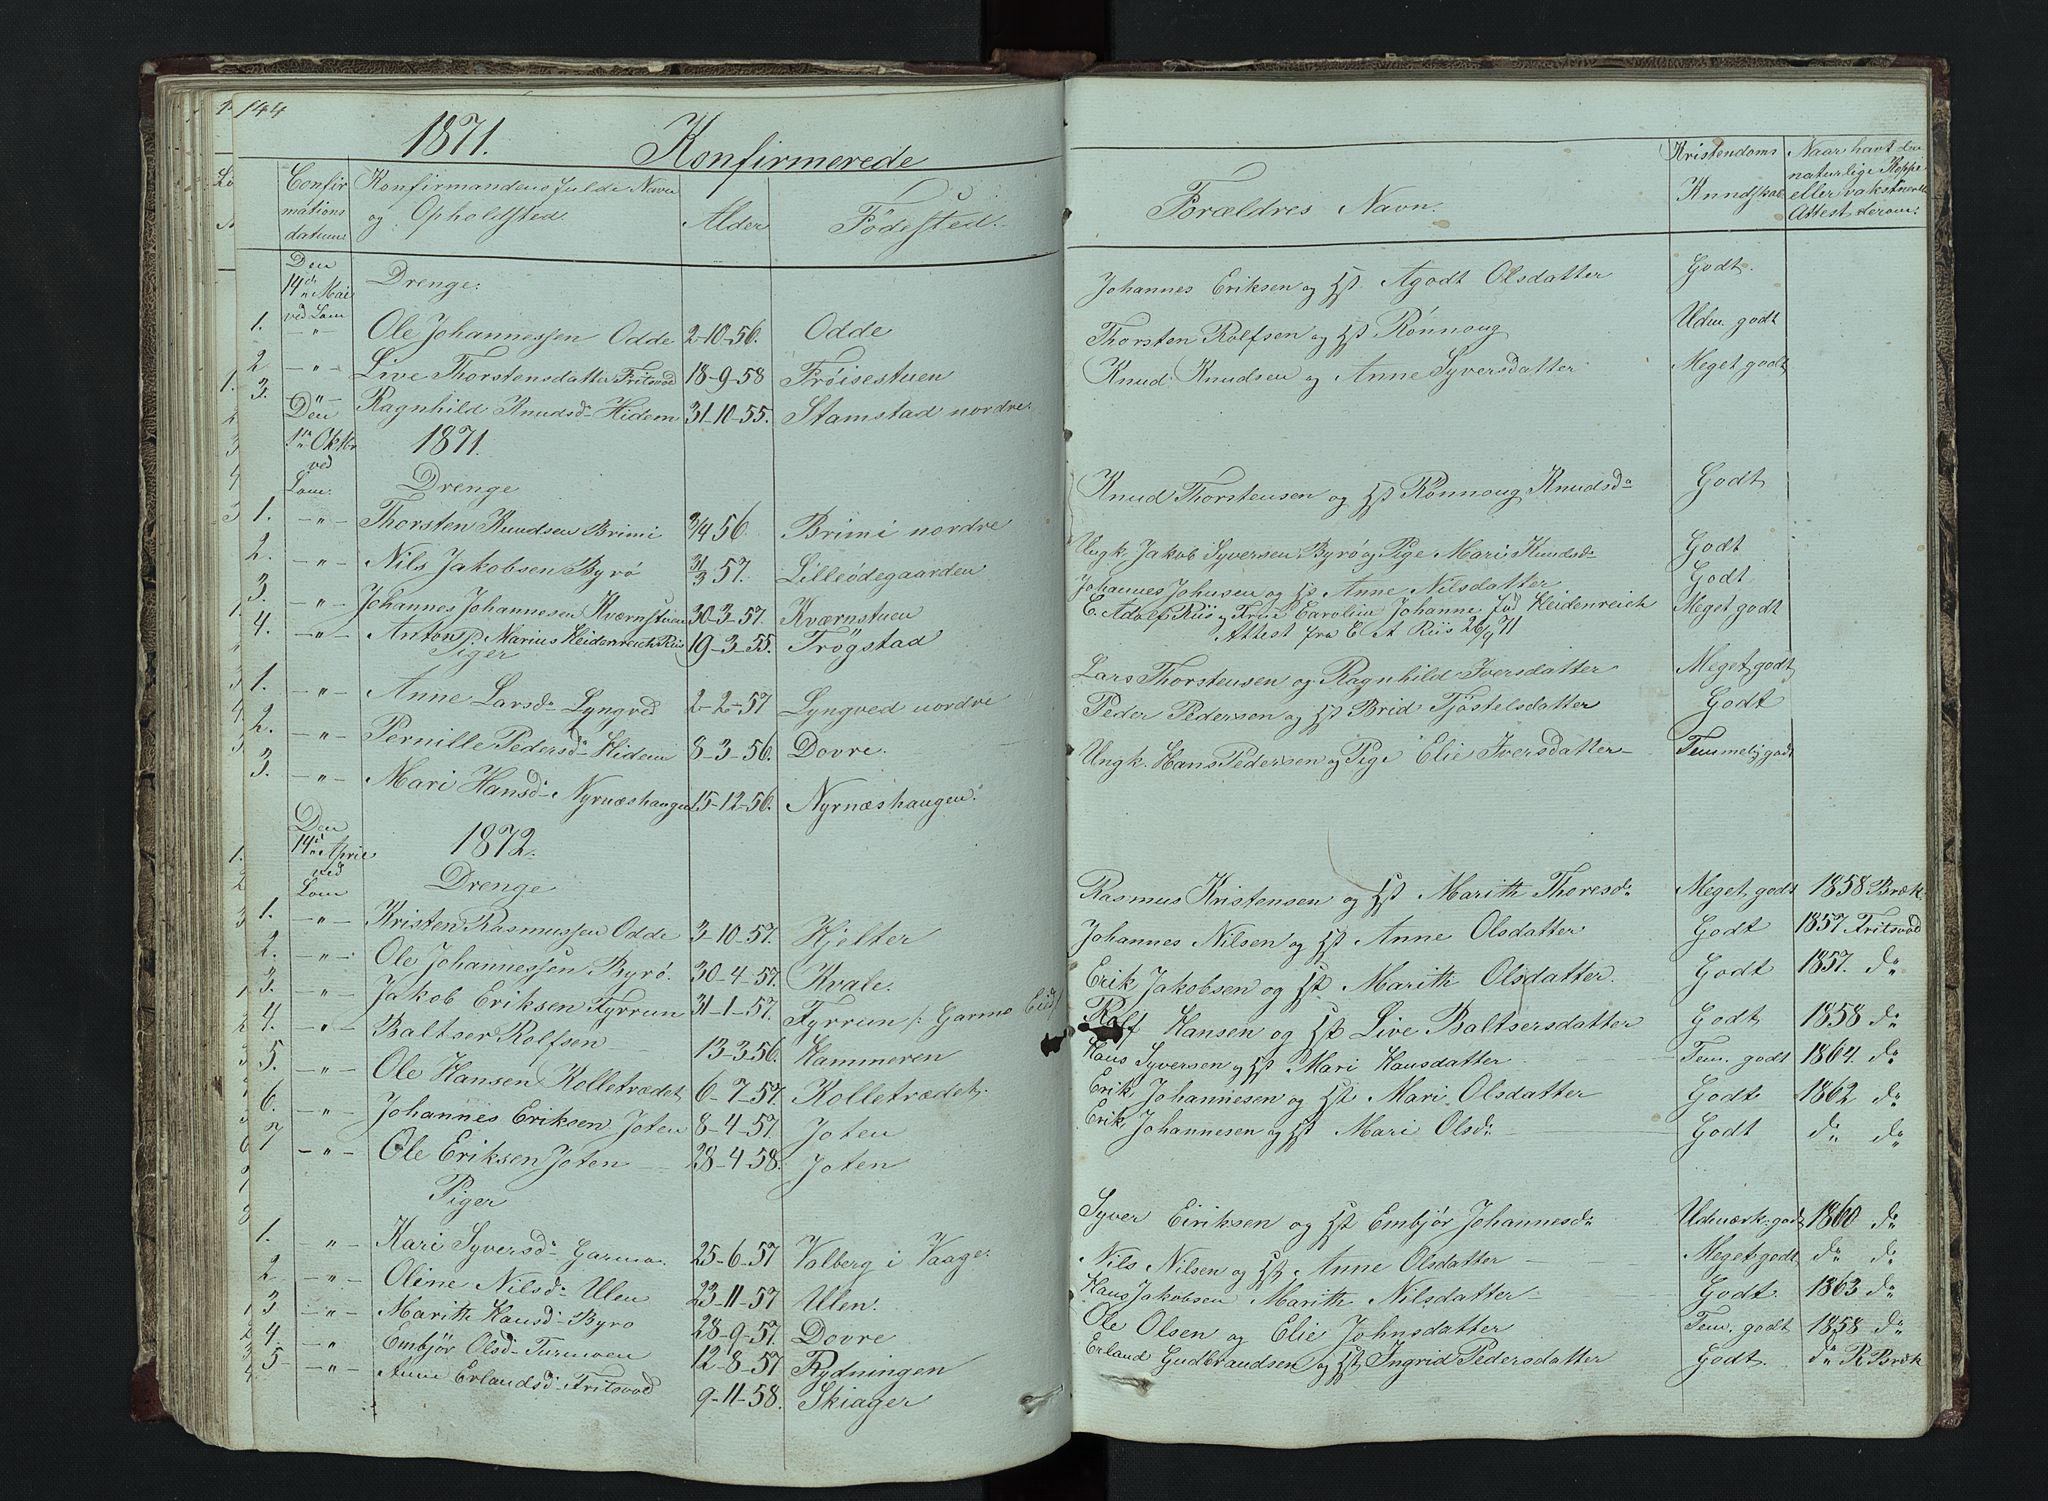 SAH, Lom prestekontor, L/L0014: Klokkerbok nr. 14, 1845-1876, s. 144-145